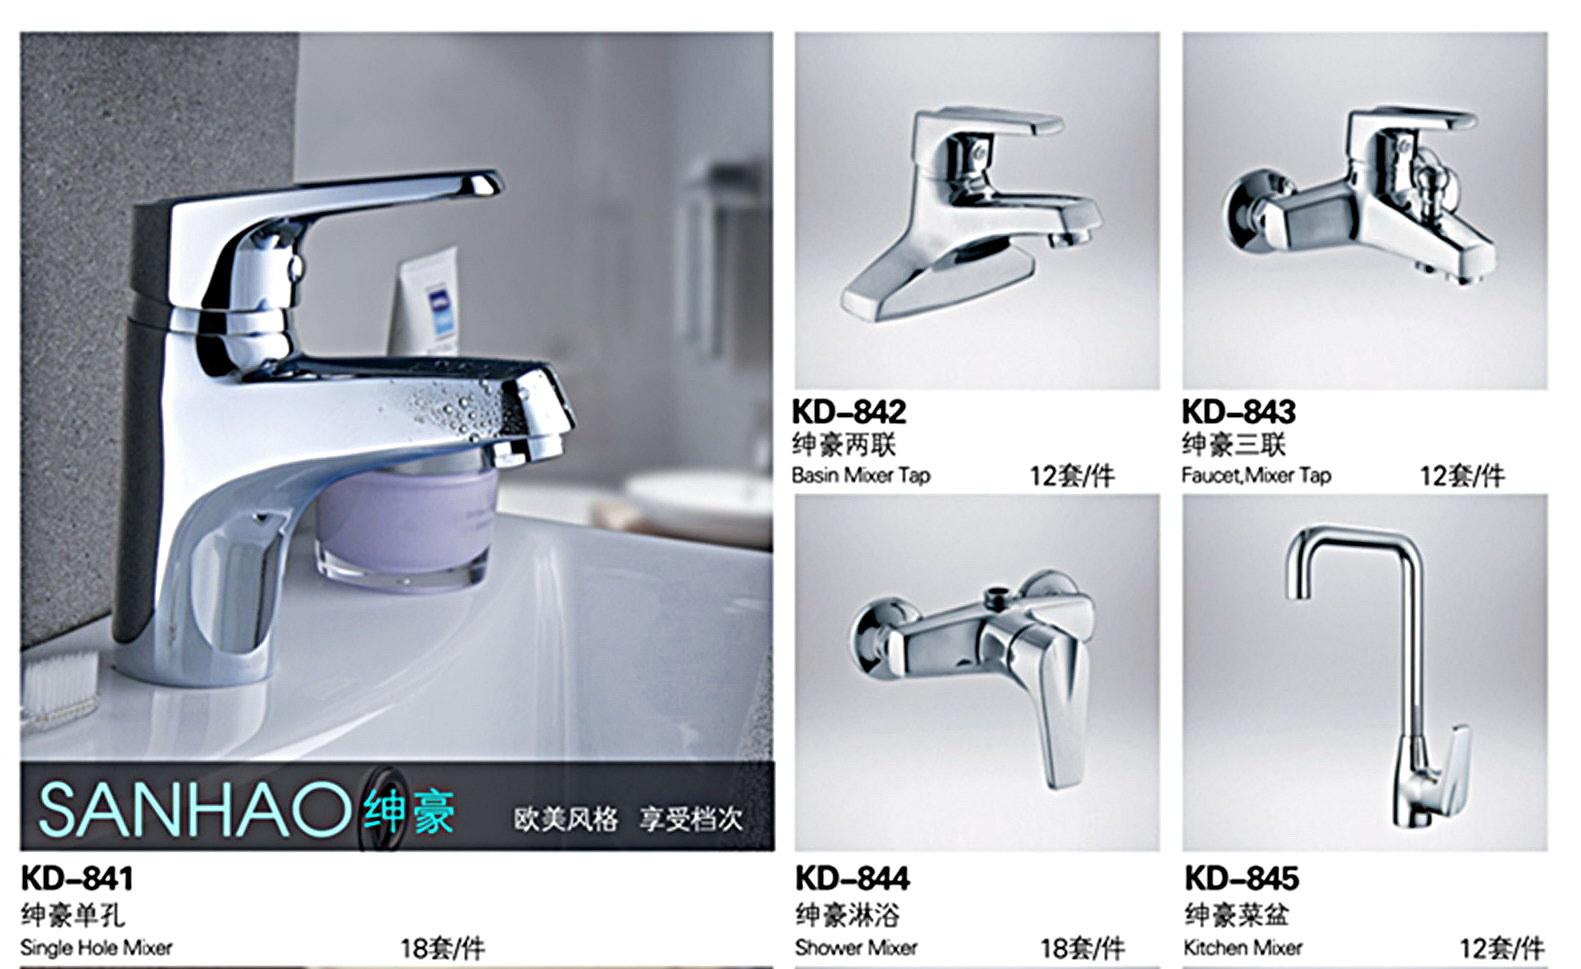 Grifos del lavabo de la cocina y de la ducha kd 841 845 - Lavabo para cocina ...